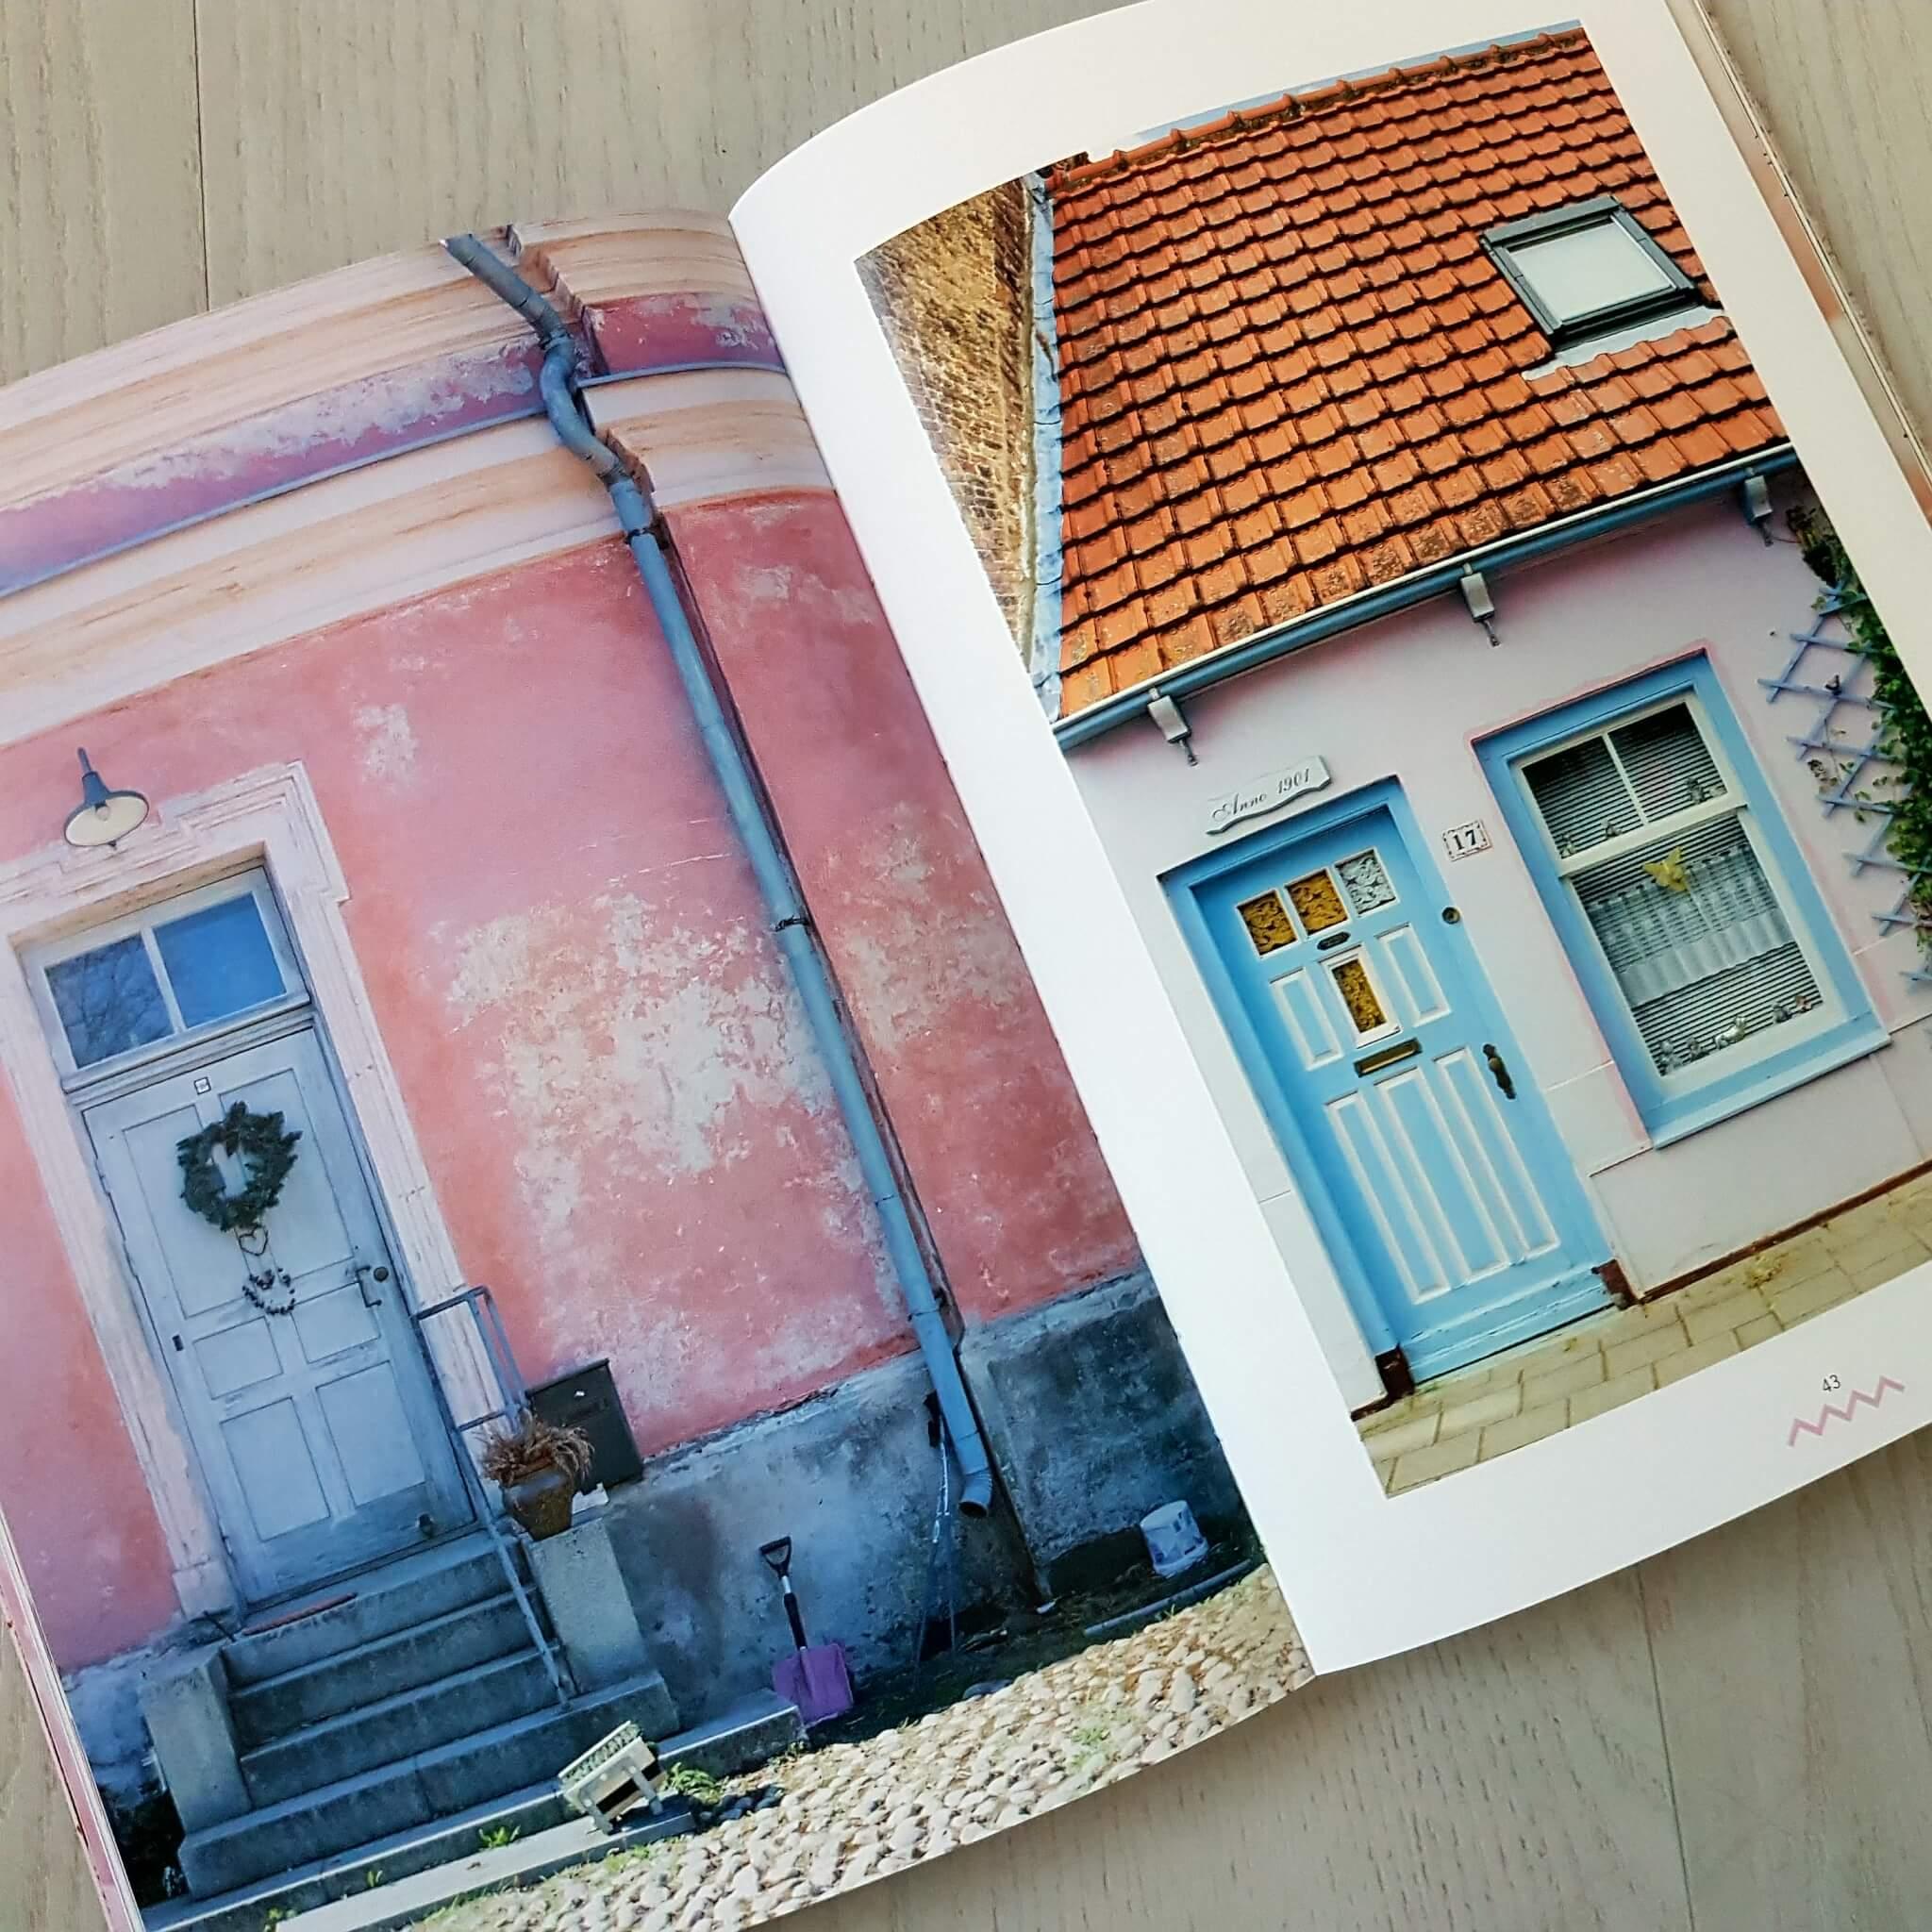 Boekentip: Snap! Vol met tips om nog beter te leren fotograferen met je smartphone